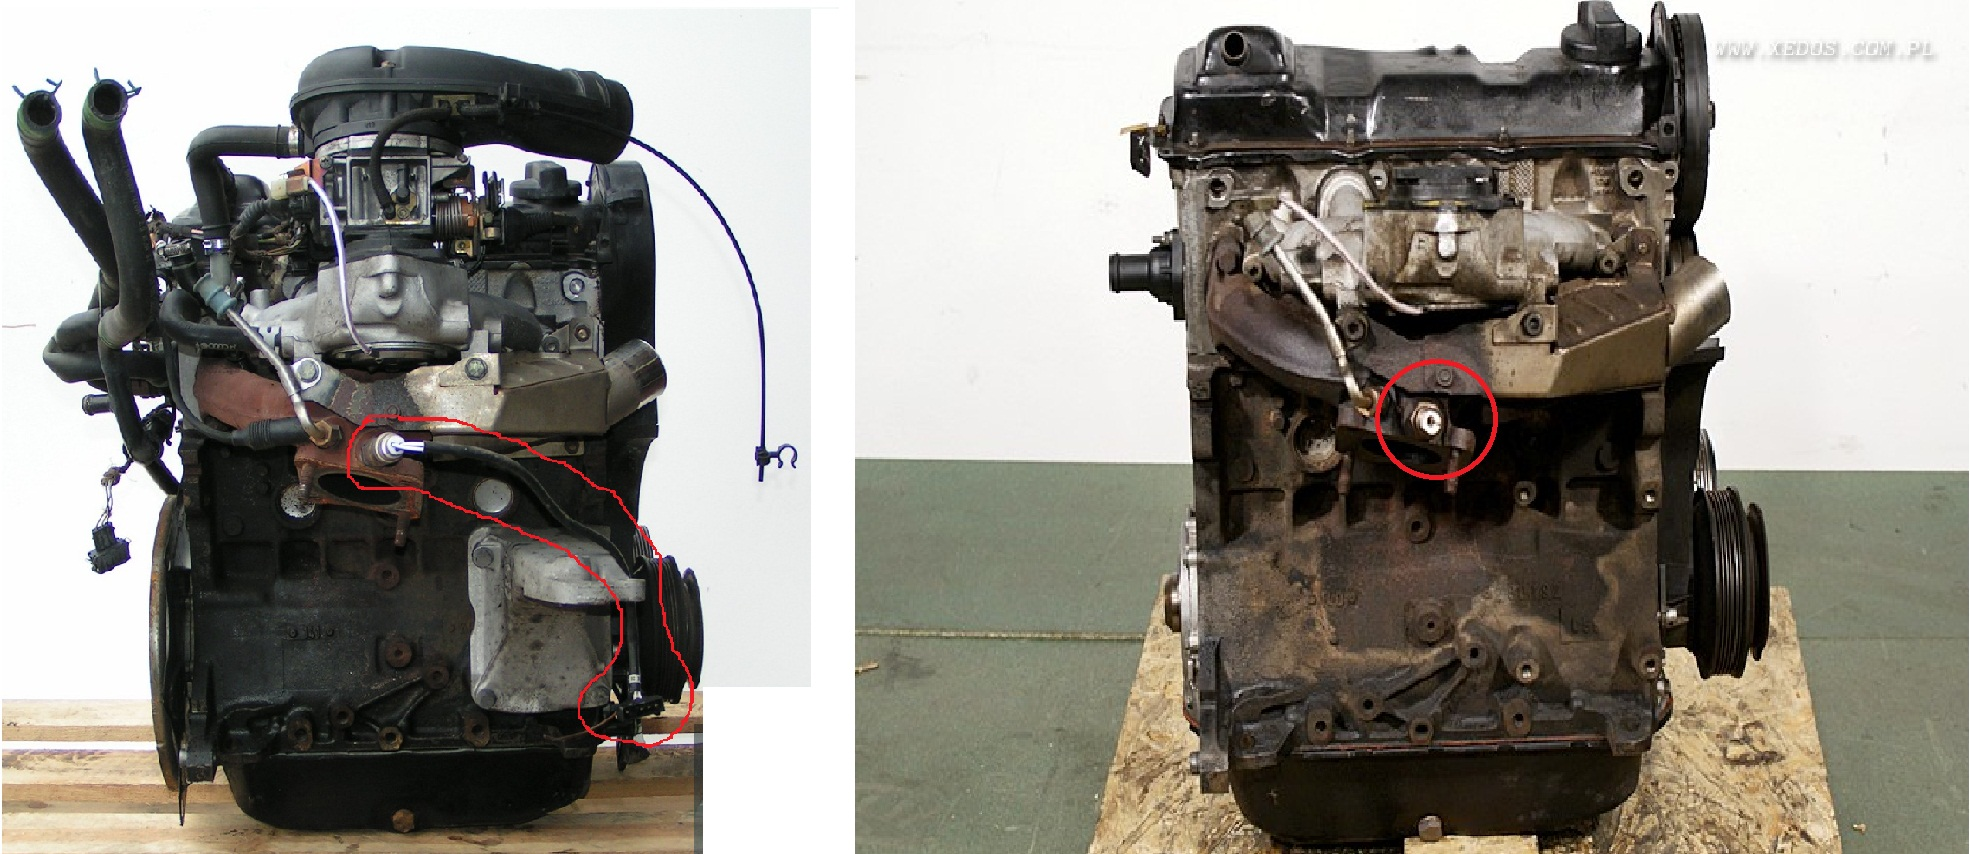 Golf 3 1993 1.8 ABS - identyfikacja odpi�tych/przerwanych kabli/wtyczek